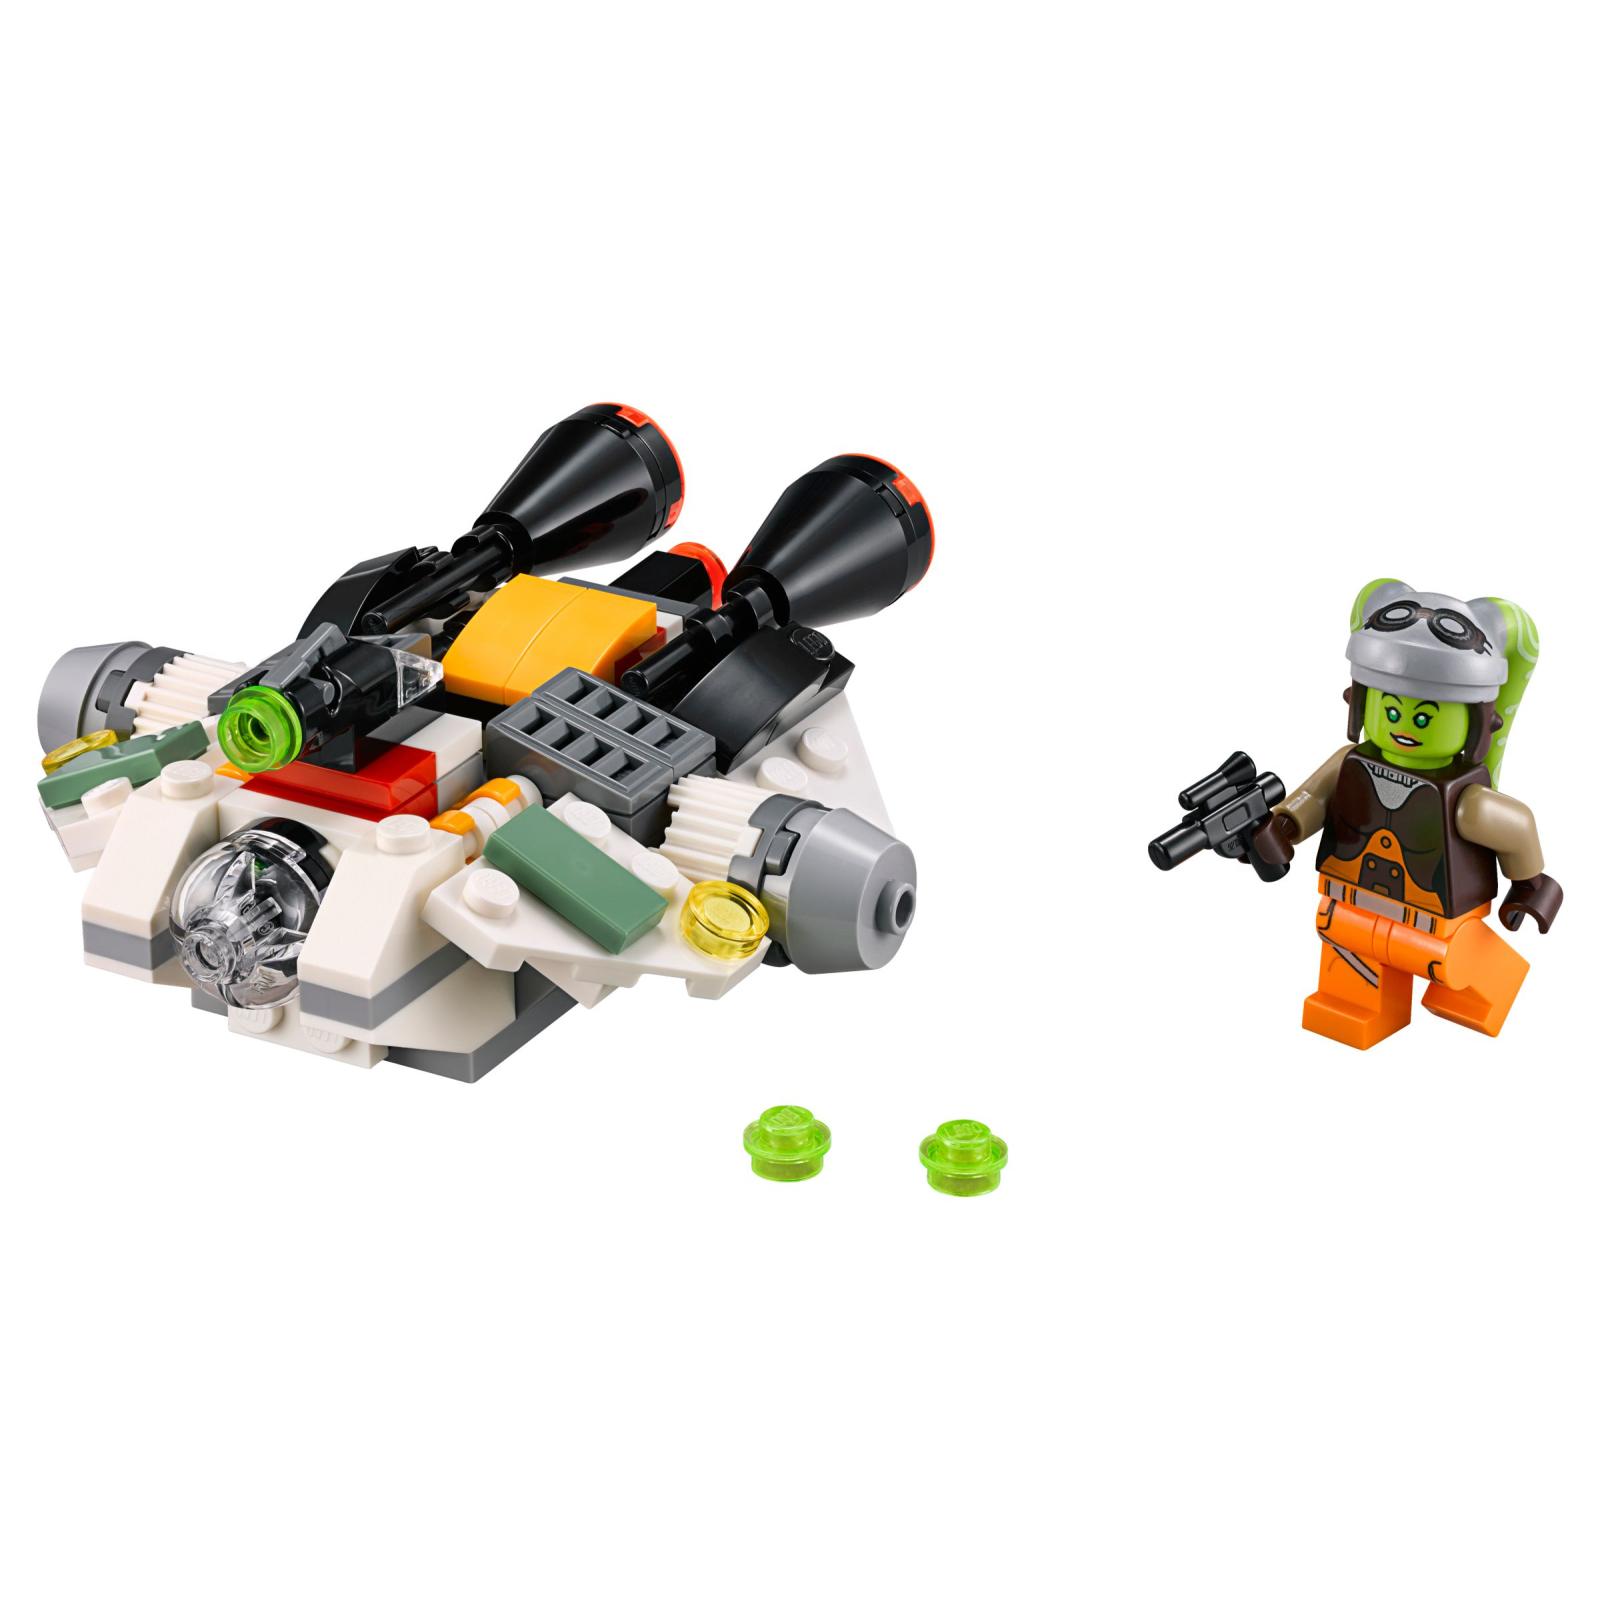 Конструктор LEGO Star Wars Призрак (75127) изображение 2